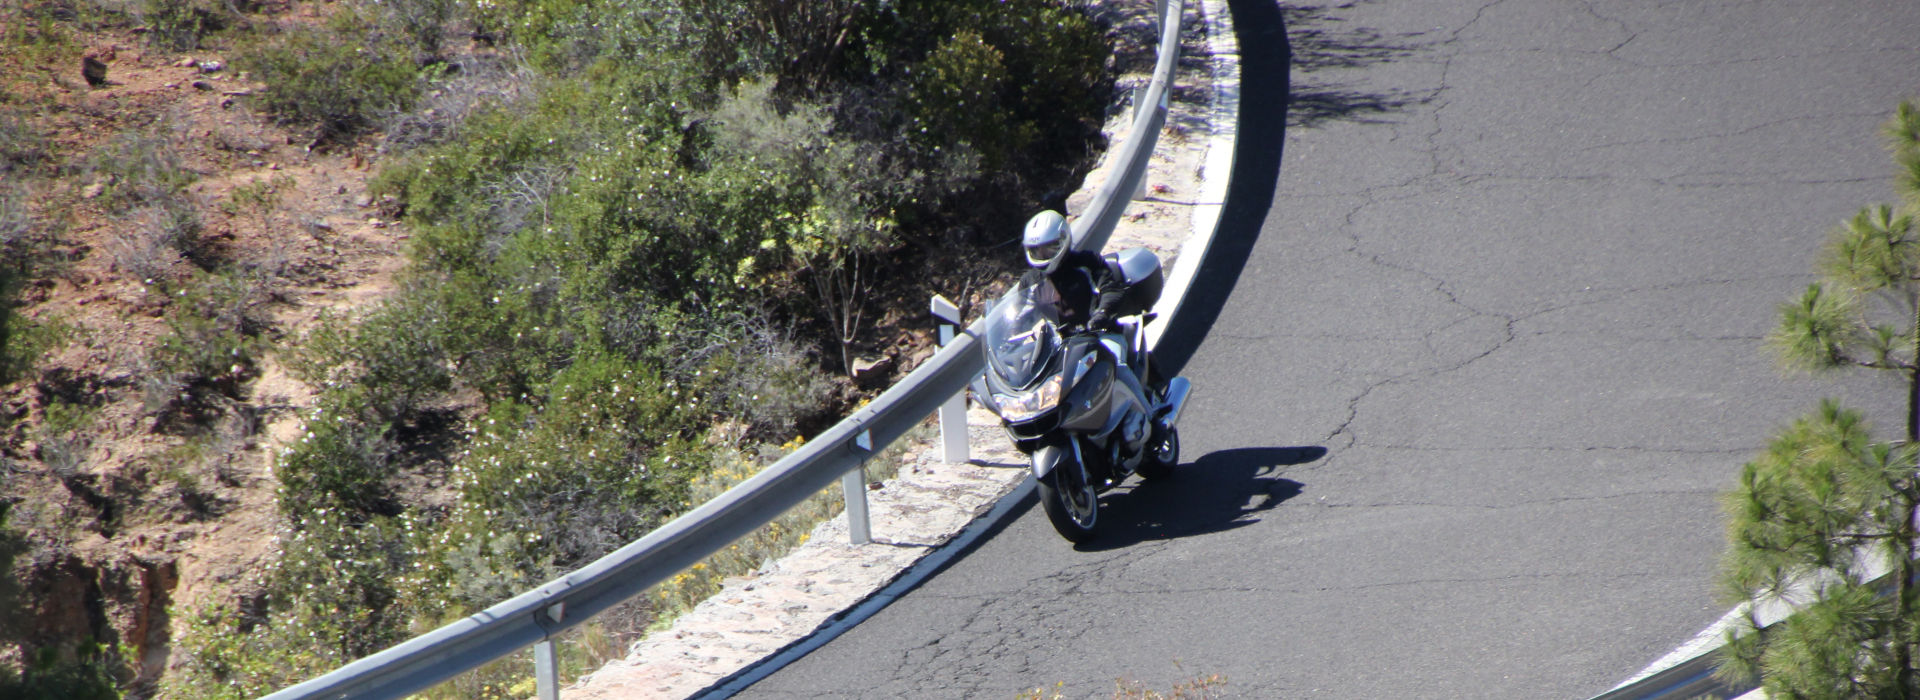 Motorrijbewijspoint Abdissenbosch spoedcursus motorrijbewijs